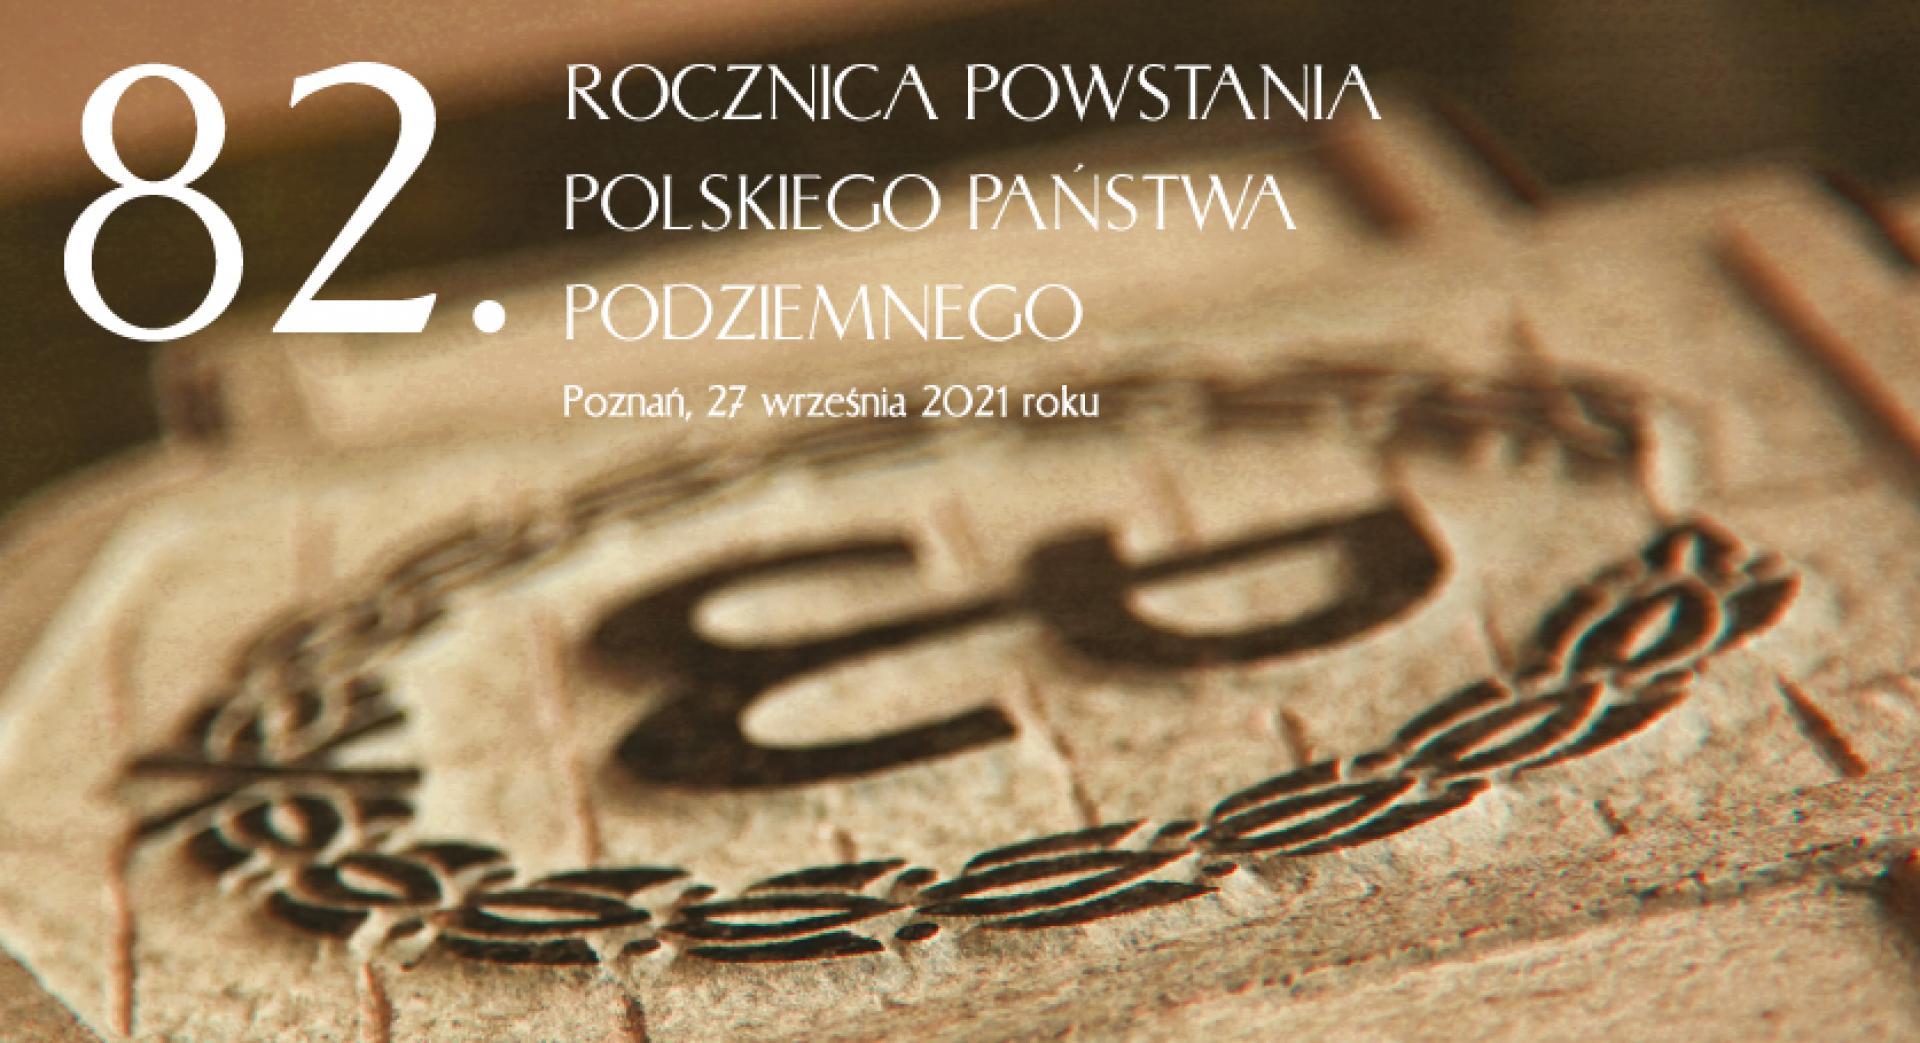 27 września spotkamy się przy Pomniku Polskiego Państwa Podziemnego i AK w Poznaniu - zobacz więcej